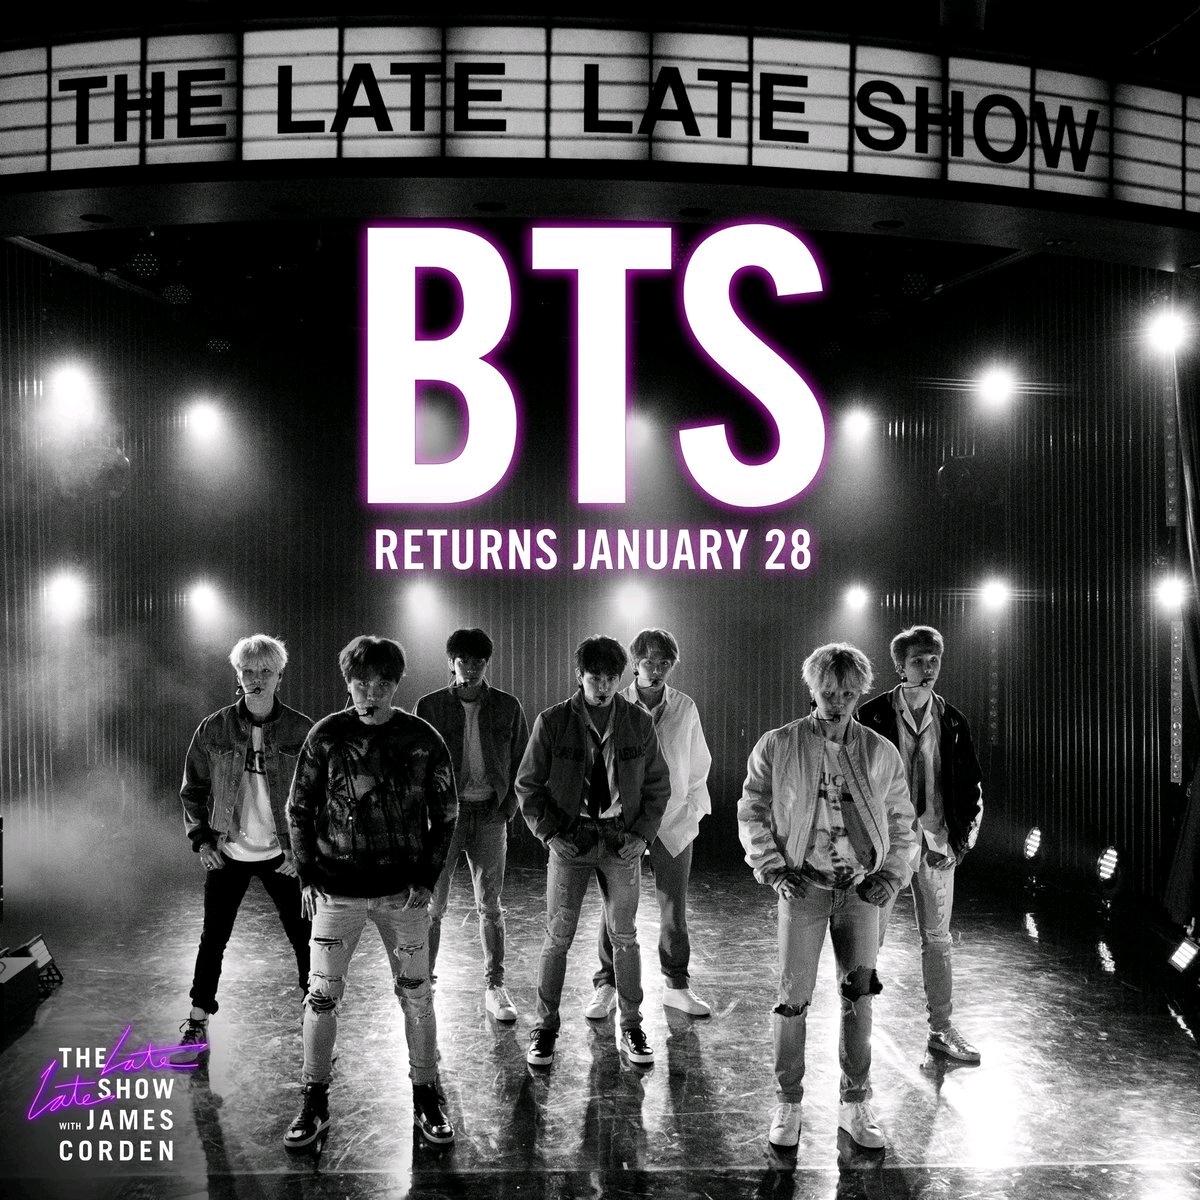 BTS将在美国举办线下演唱会成热议,韩国粉丝们各种羡慕嫉妒期待